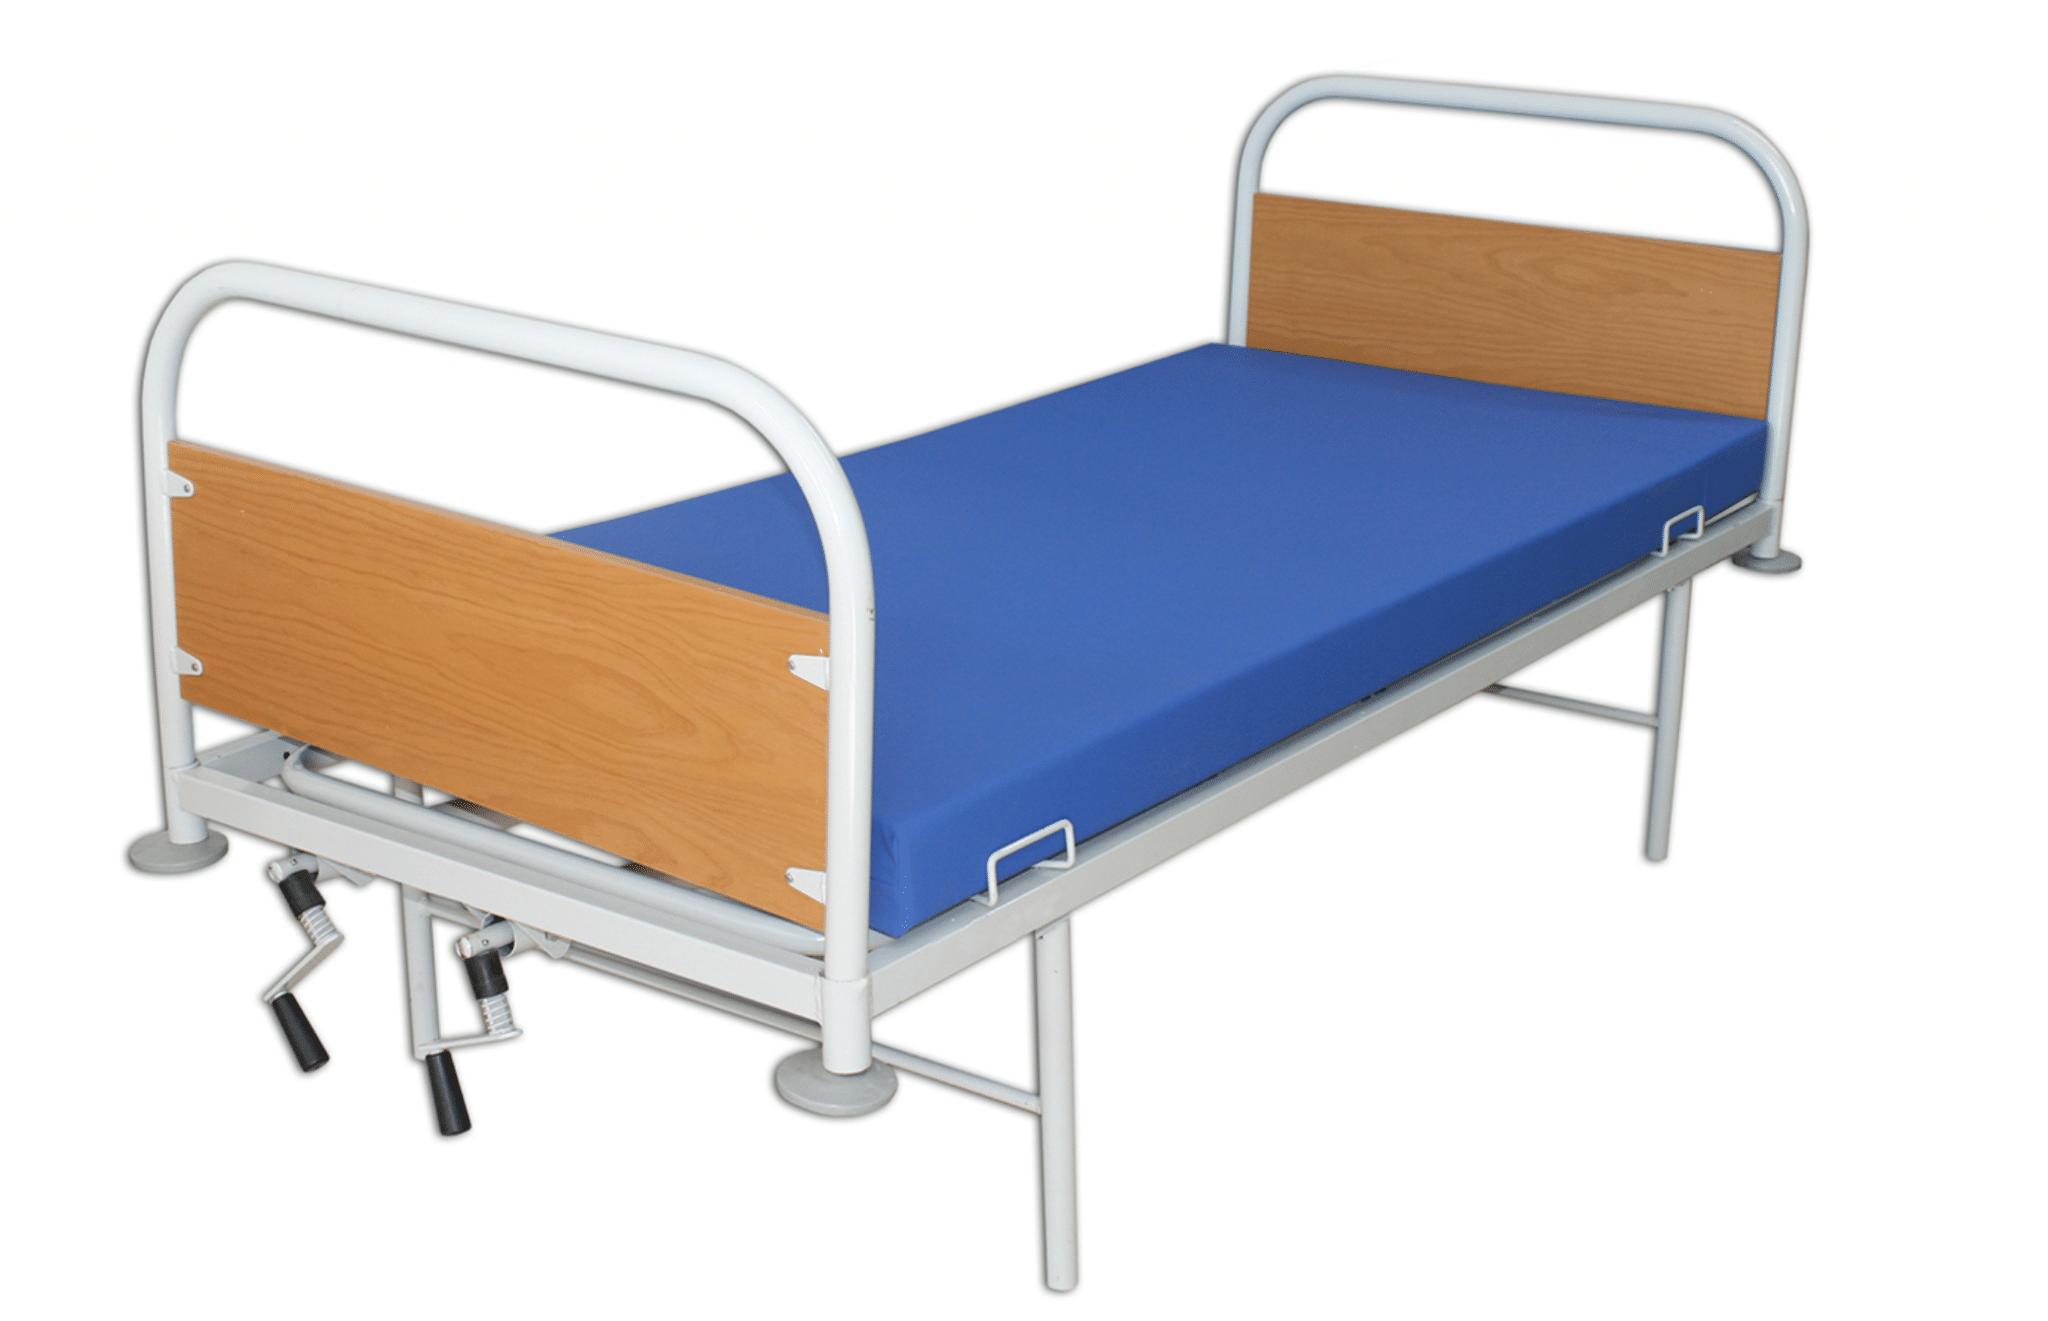 cama em madeira e alumínio com colchão azul